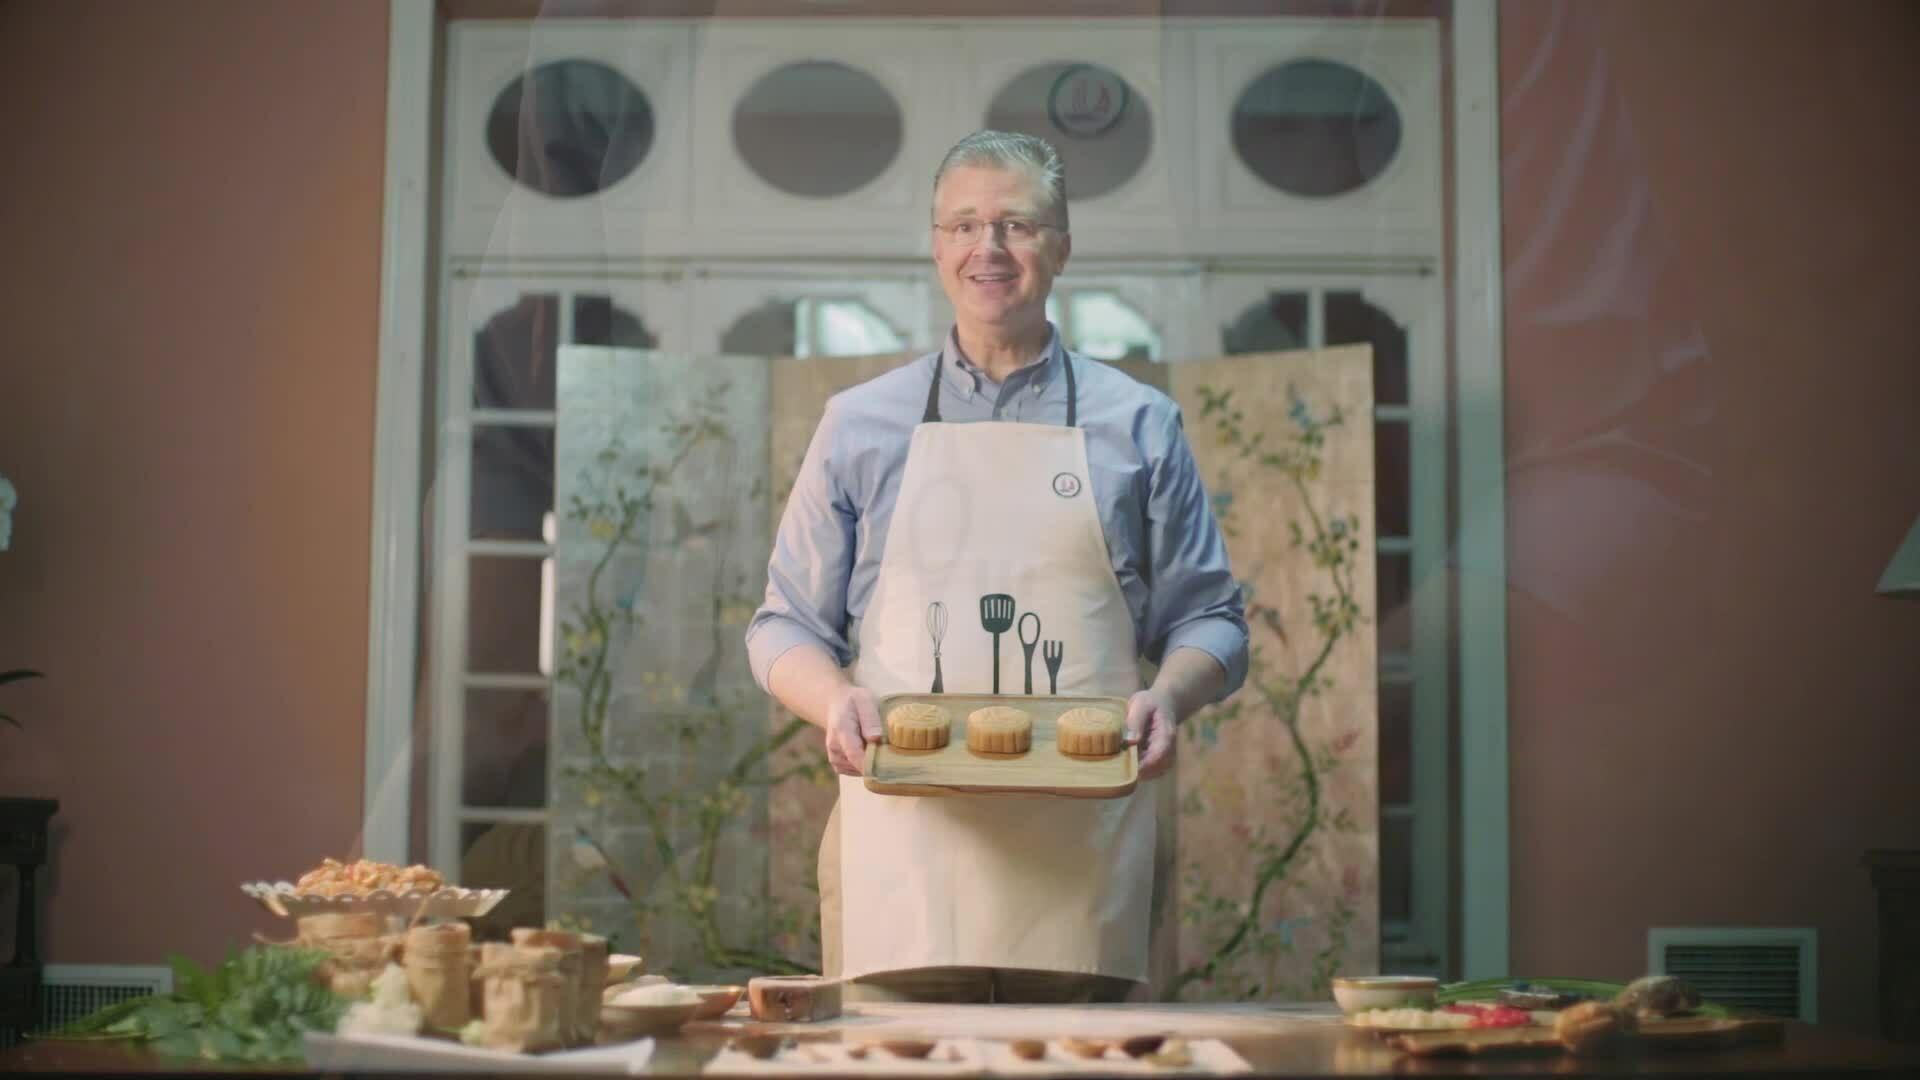 Đại sứ Mỹ làm bánh trung thu với kem phô mai và việt quất